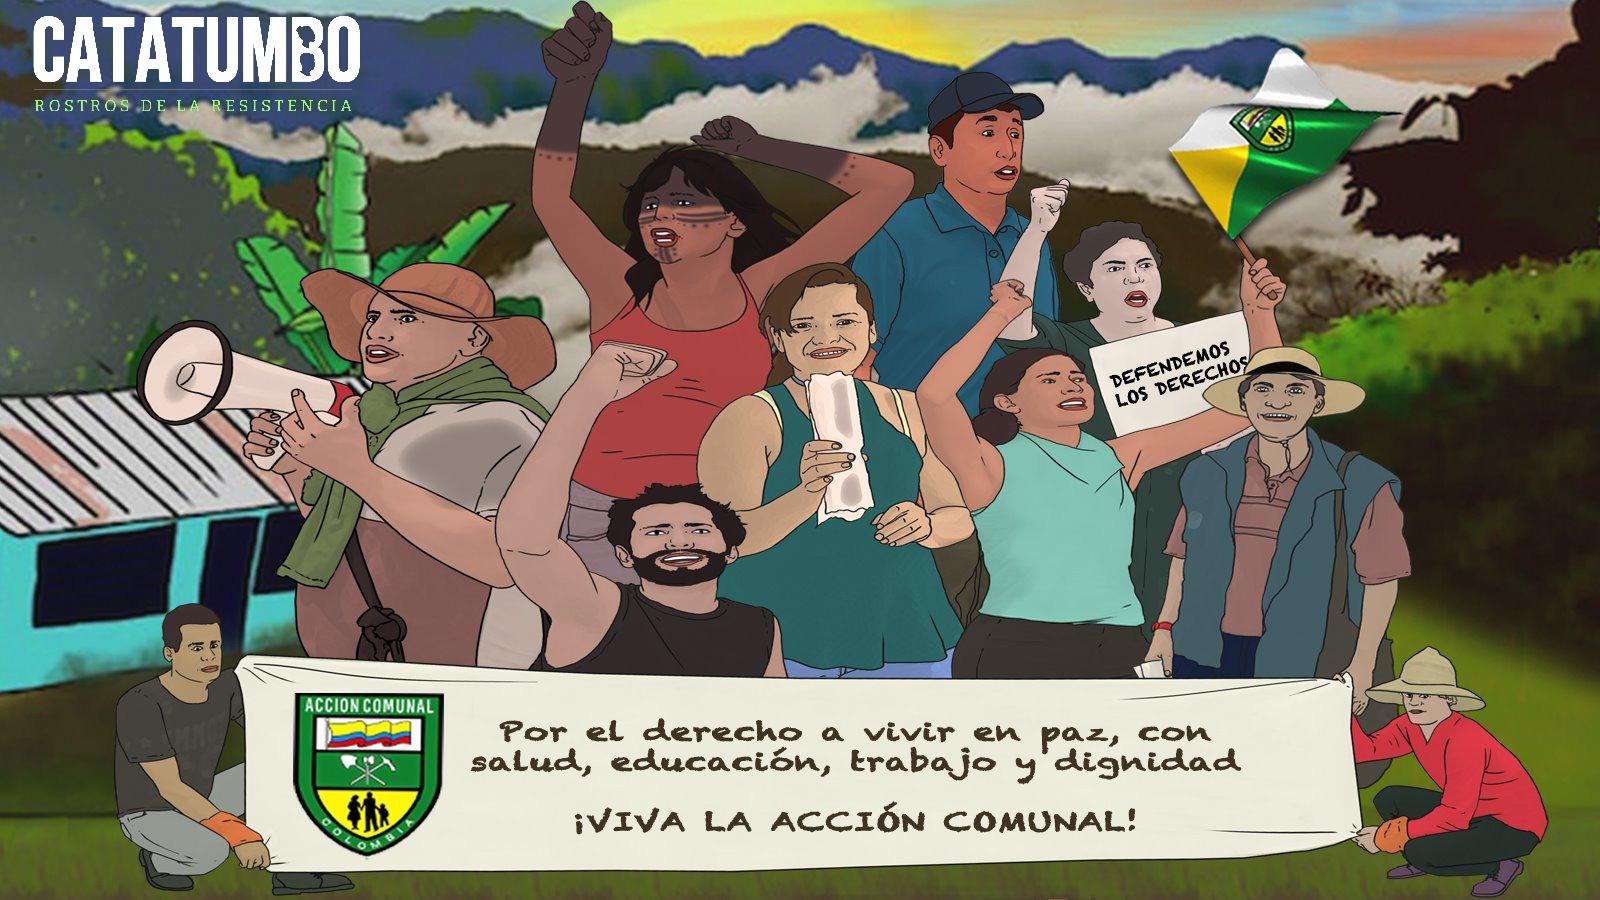 El movimiento comunal del Catatumbo: el rostro del liderazgo